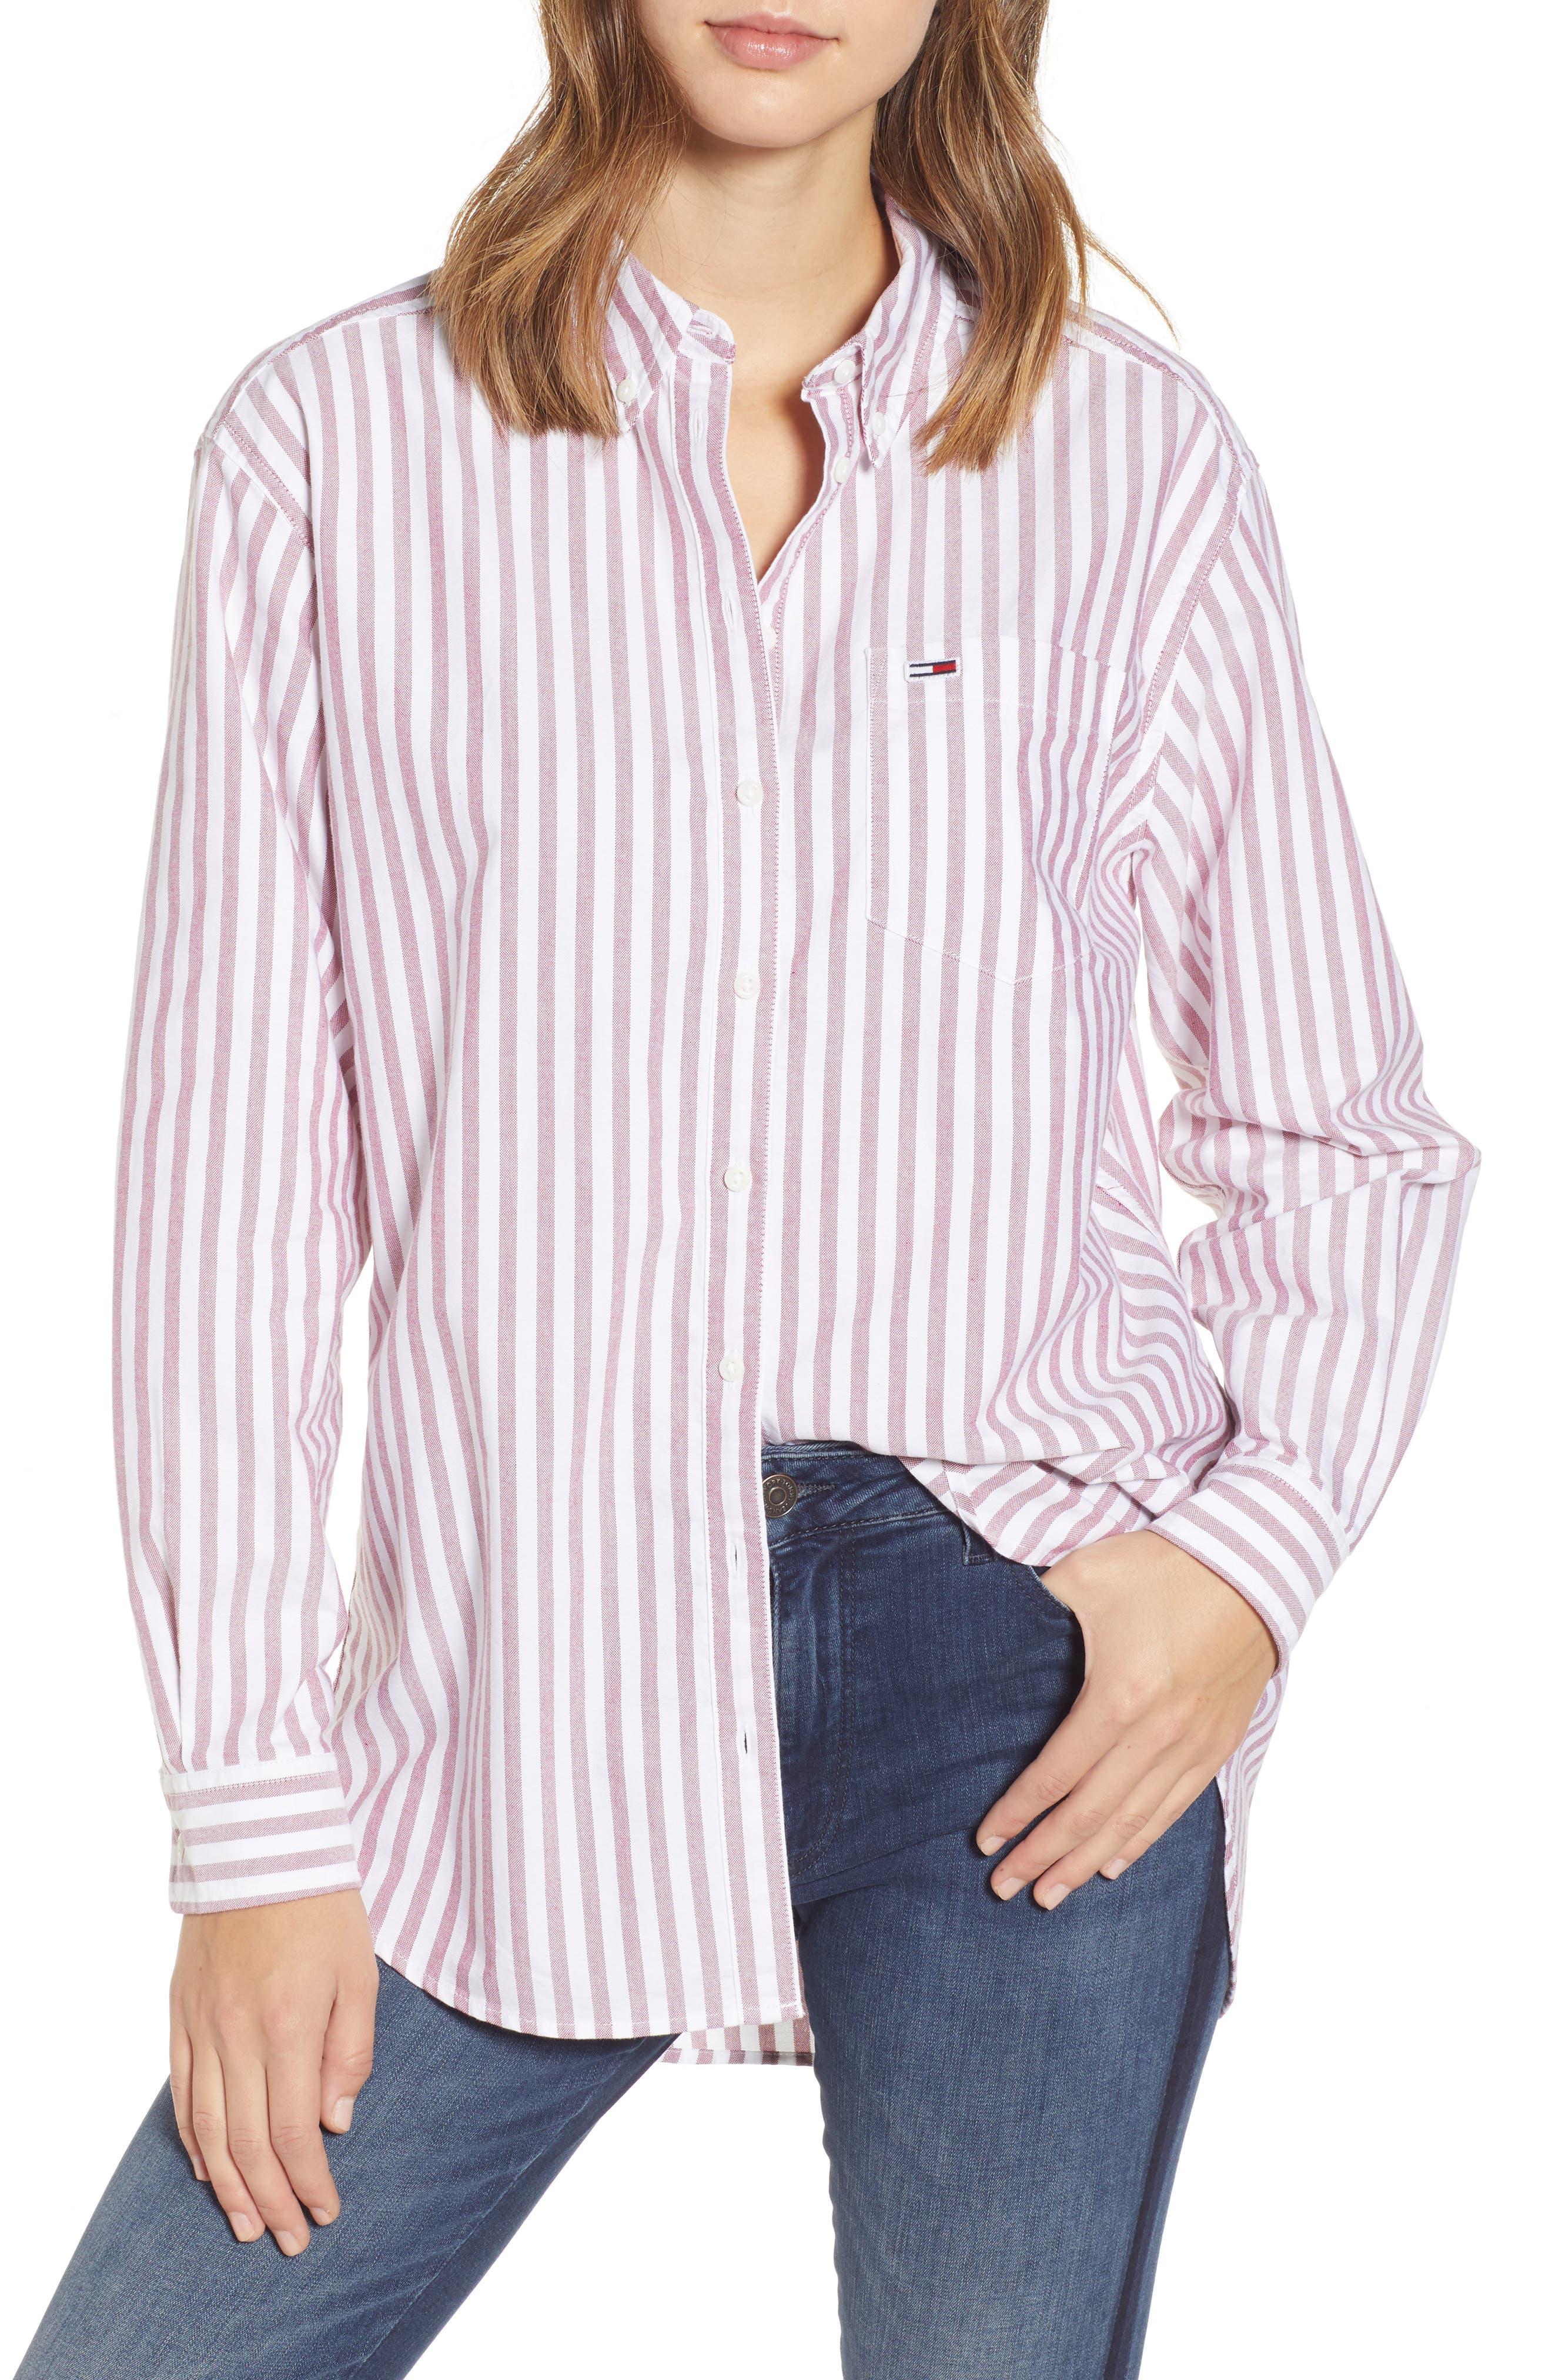 TJW Classics Stripe Shirt,                             Main thumbnail 1, color,                             RUMBA RED / BRIGHT WHITE